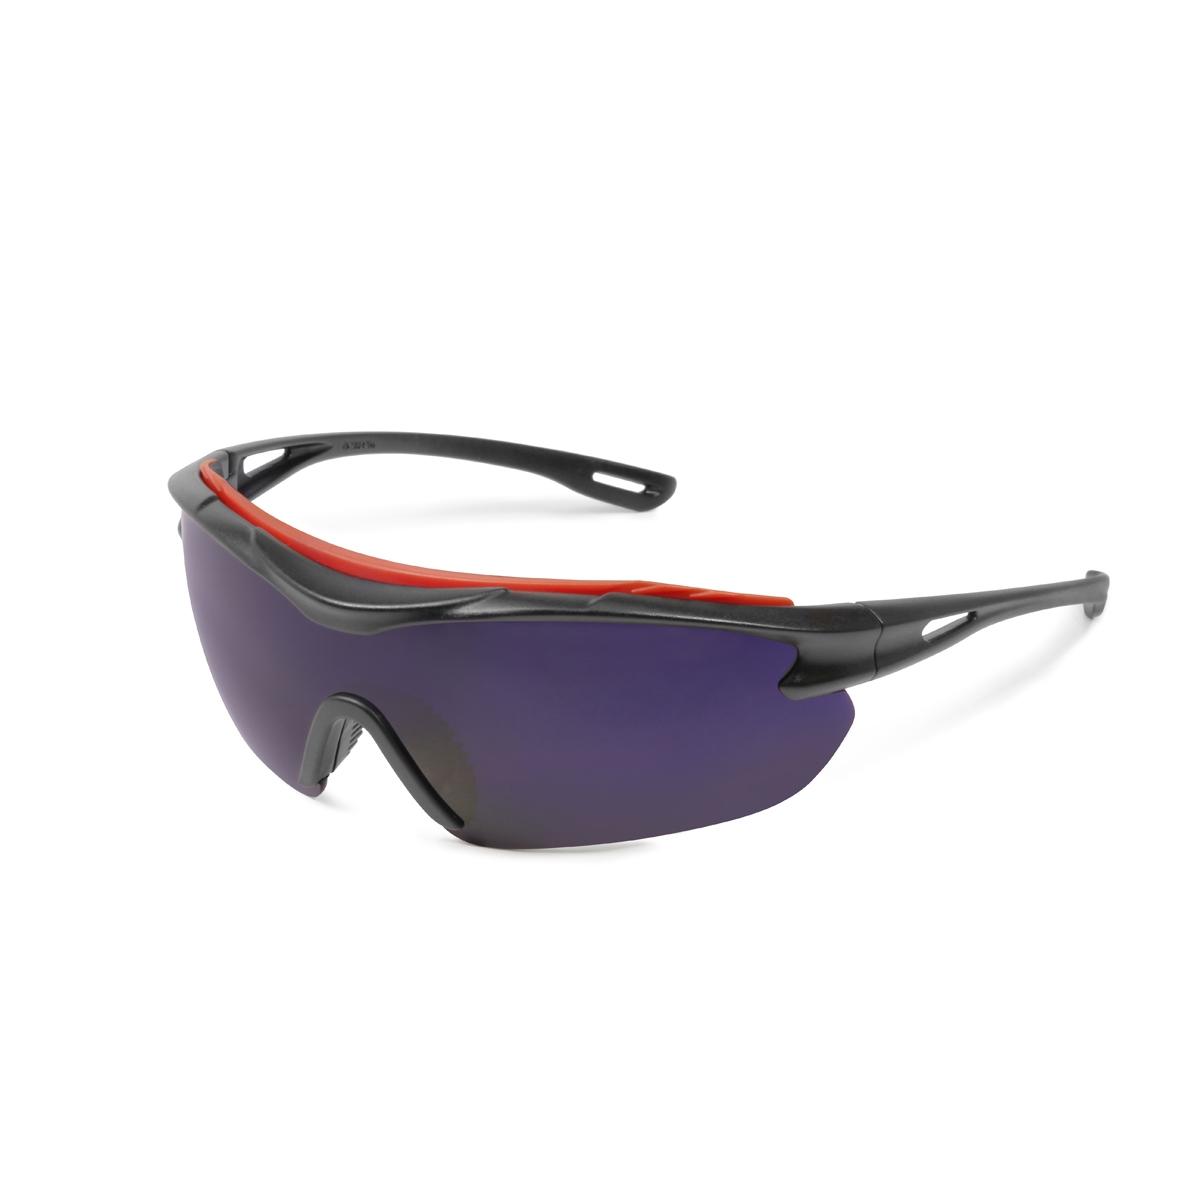 Black Frame Glasses Singapore : Elvex SG-31C-AF Brow-Specs Safety Glasses - Black Frame ...